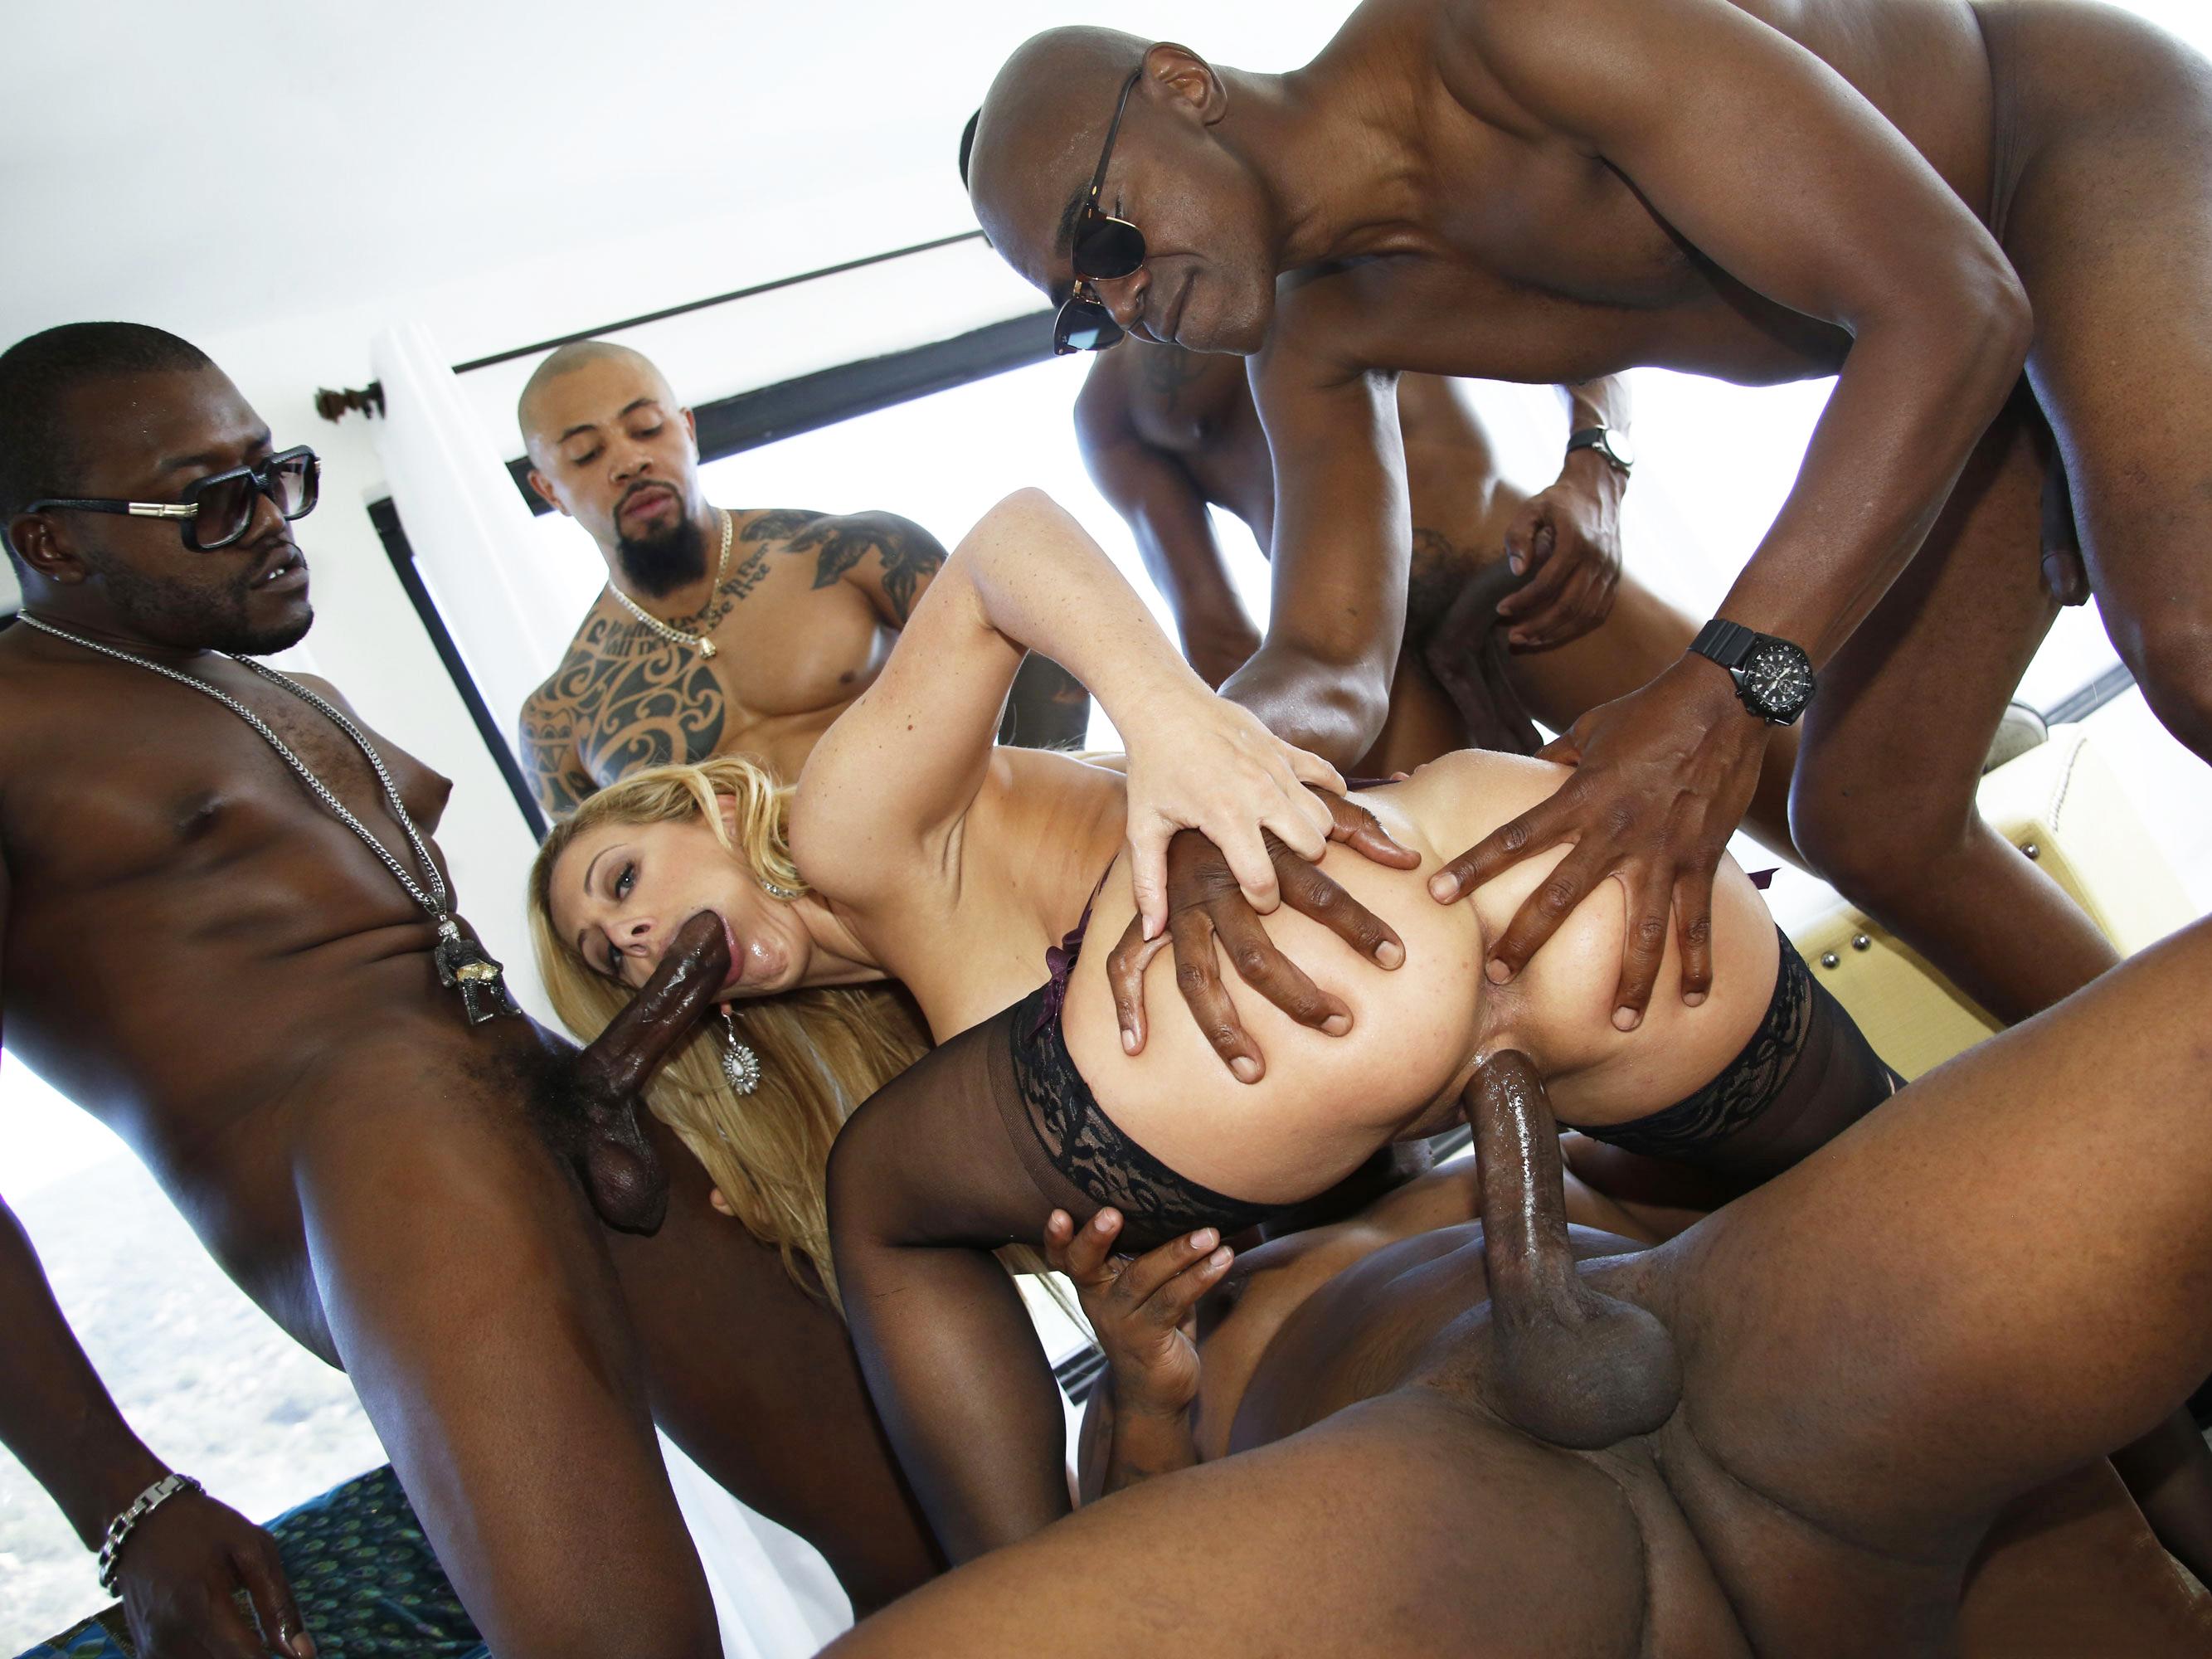 Порно групповое много черных хуев — photo 9